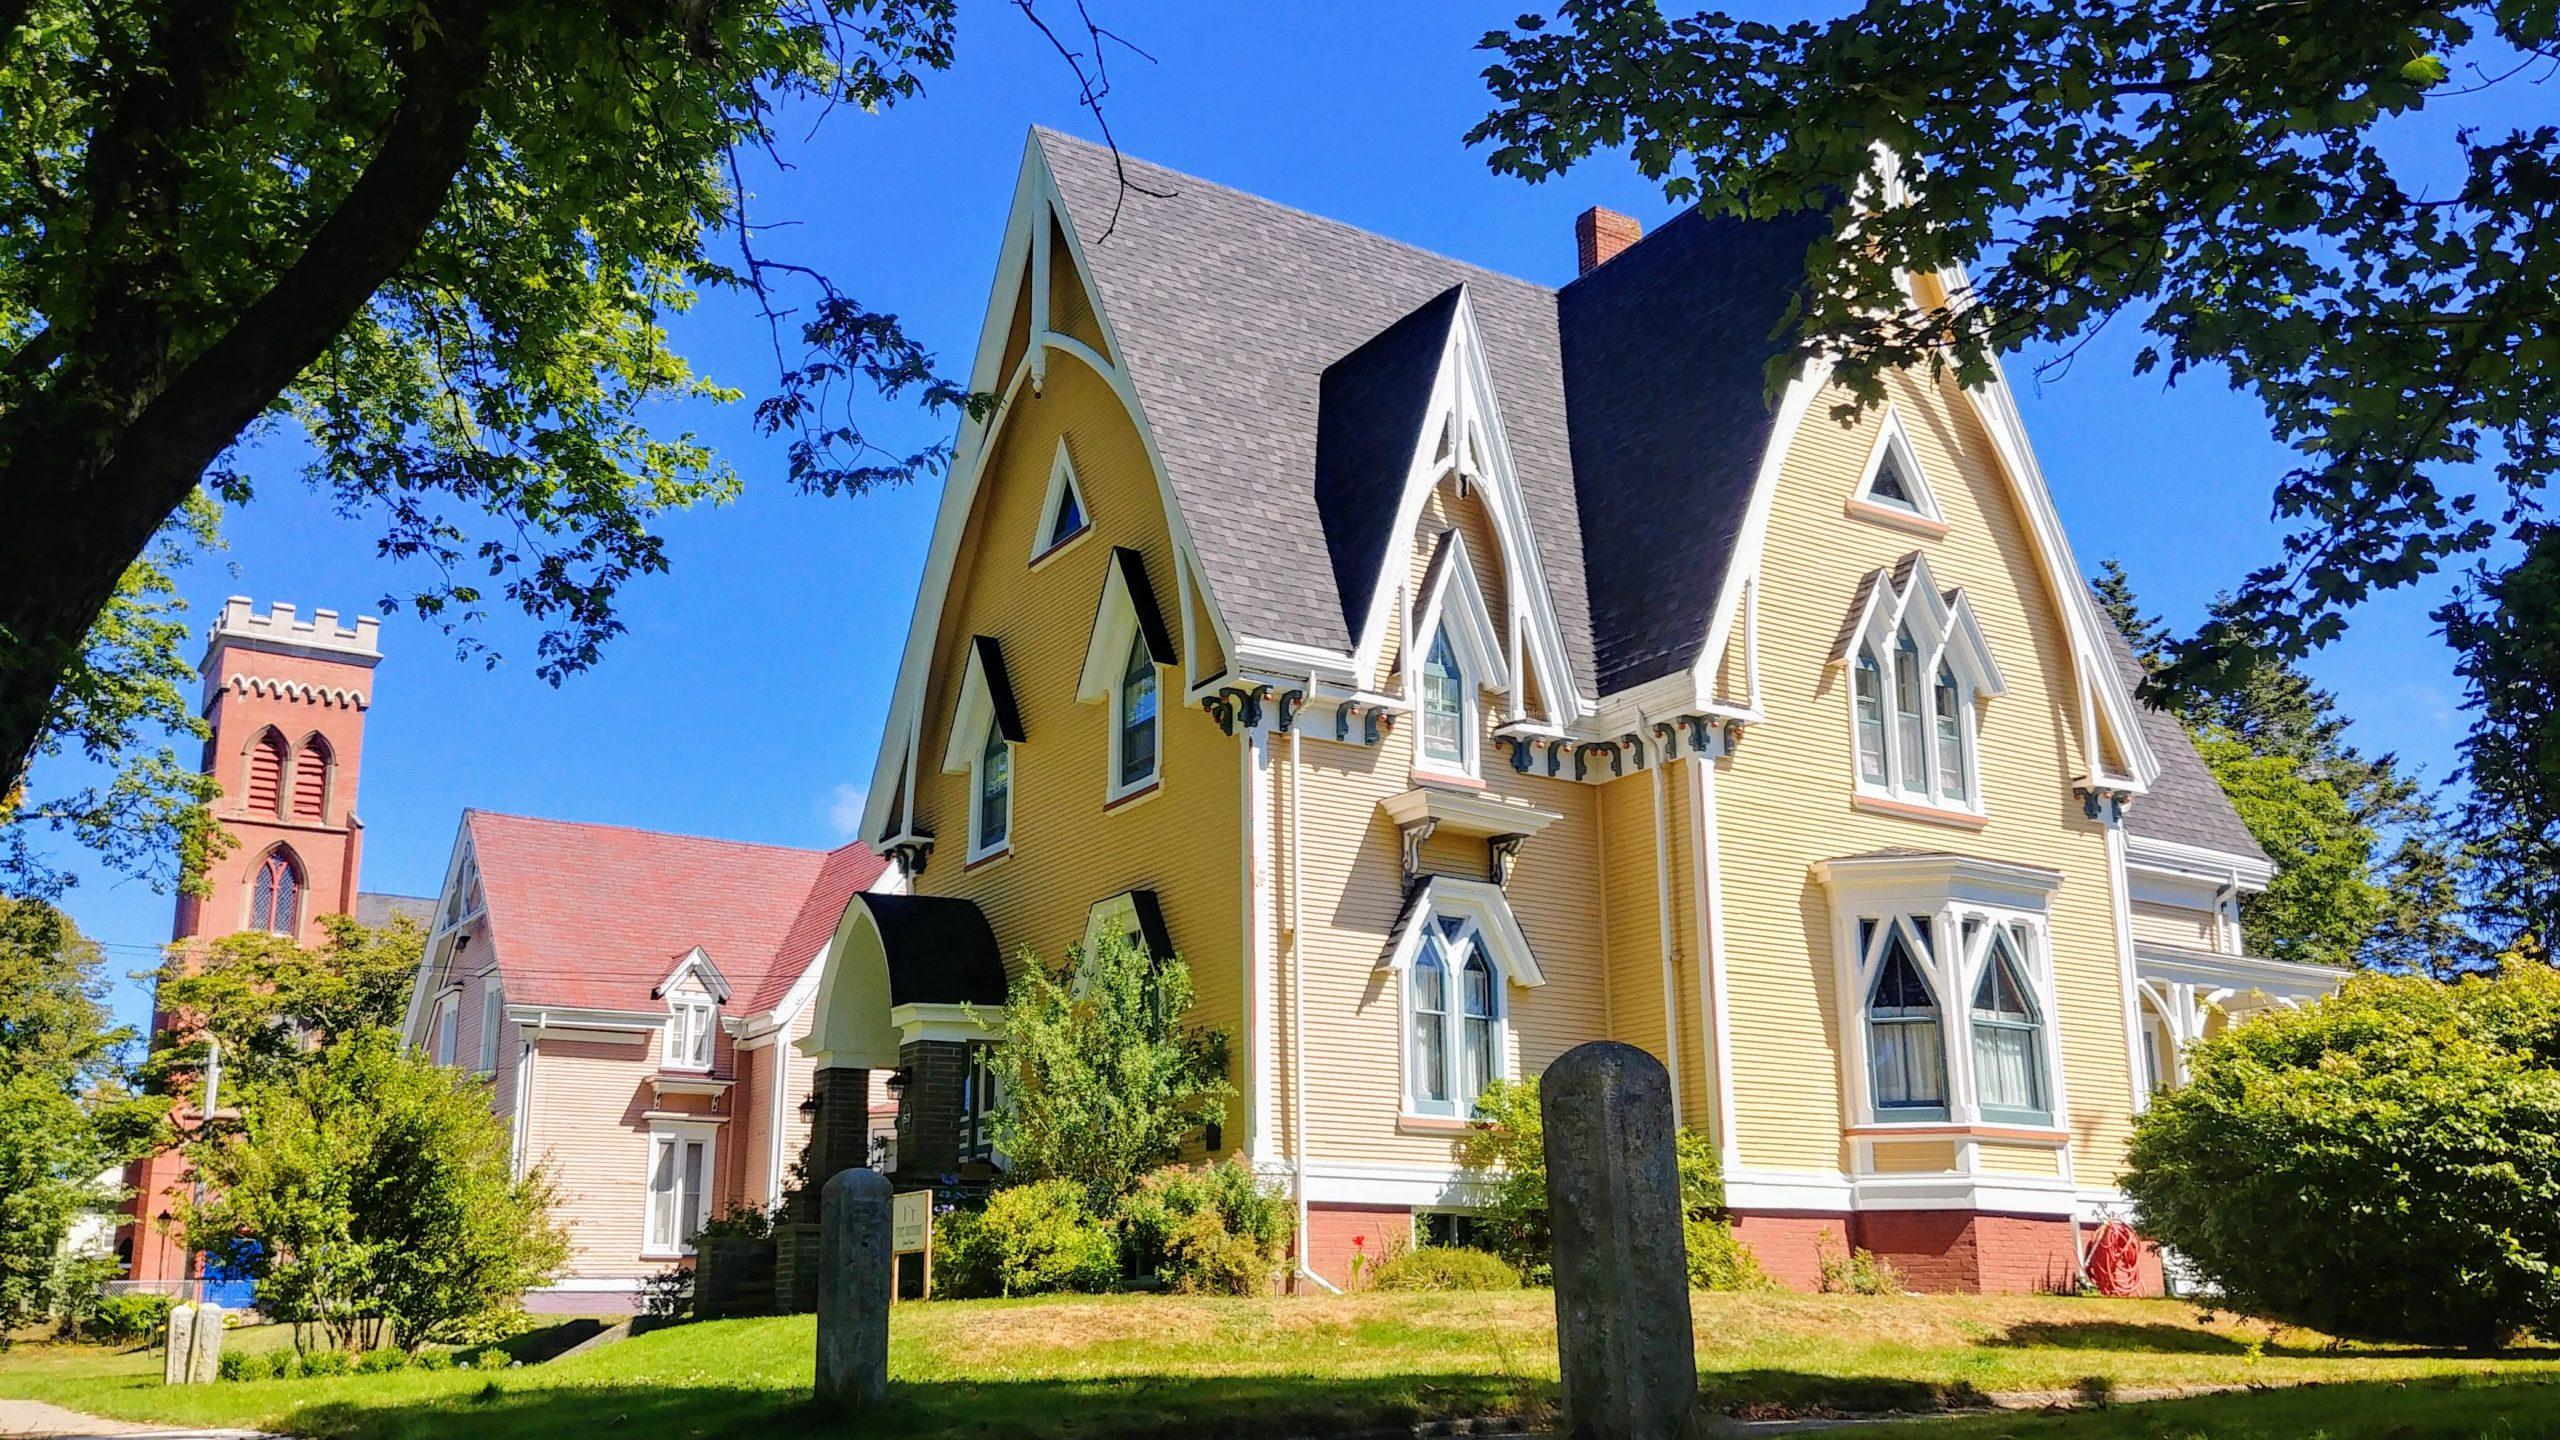 Yarmouth maisons historiques The Gothik gothic revival que voir que faire